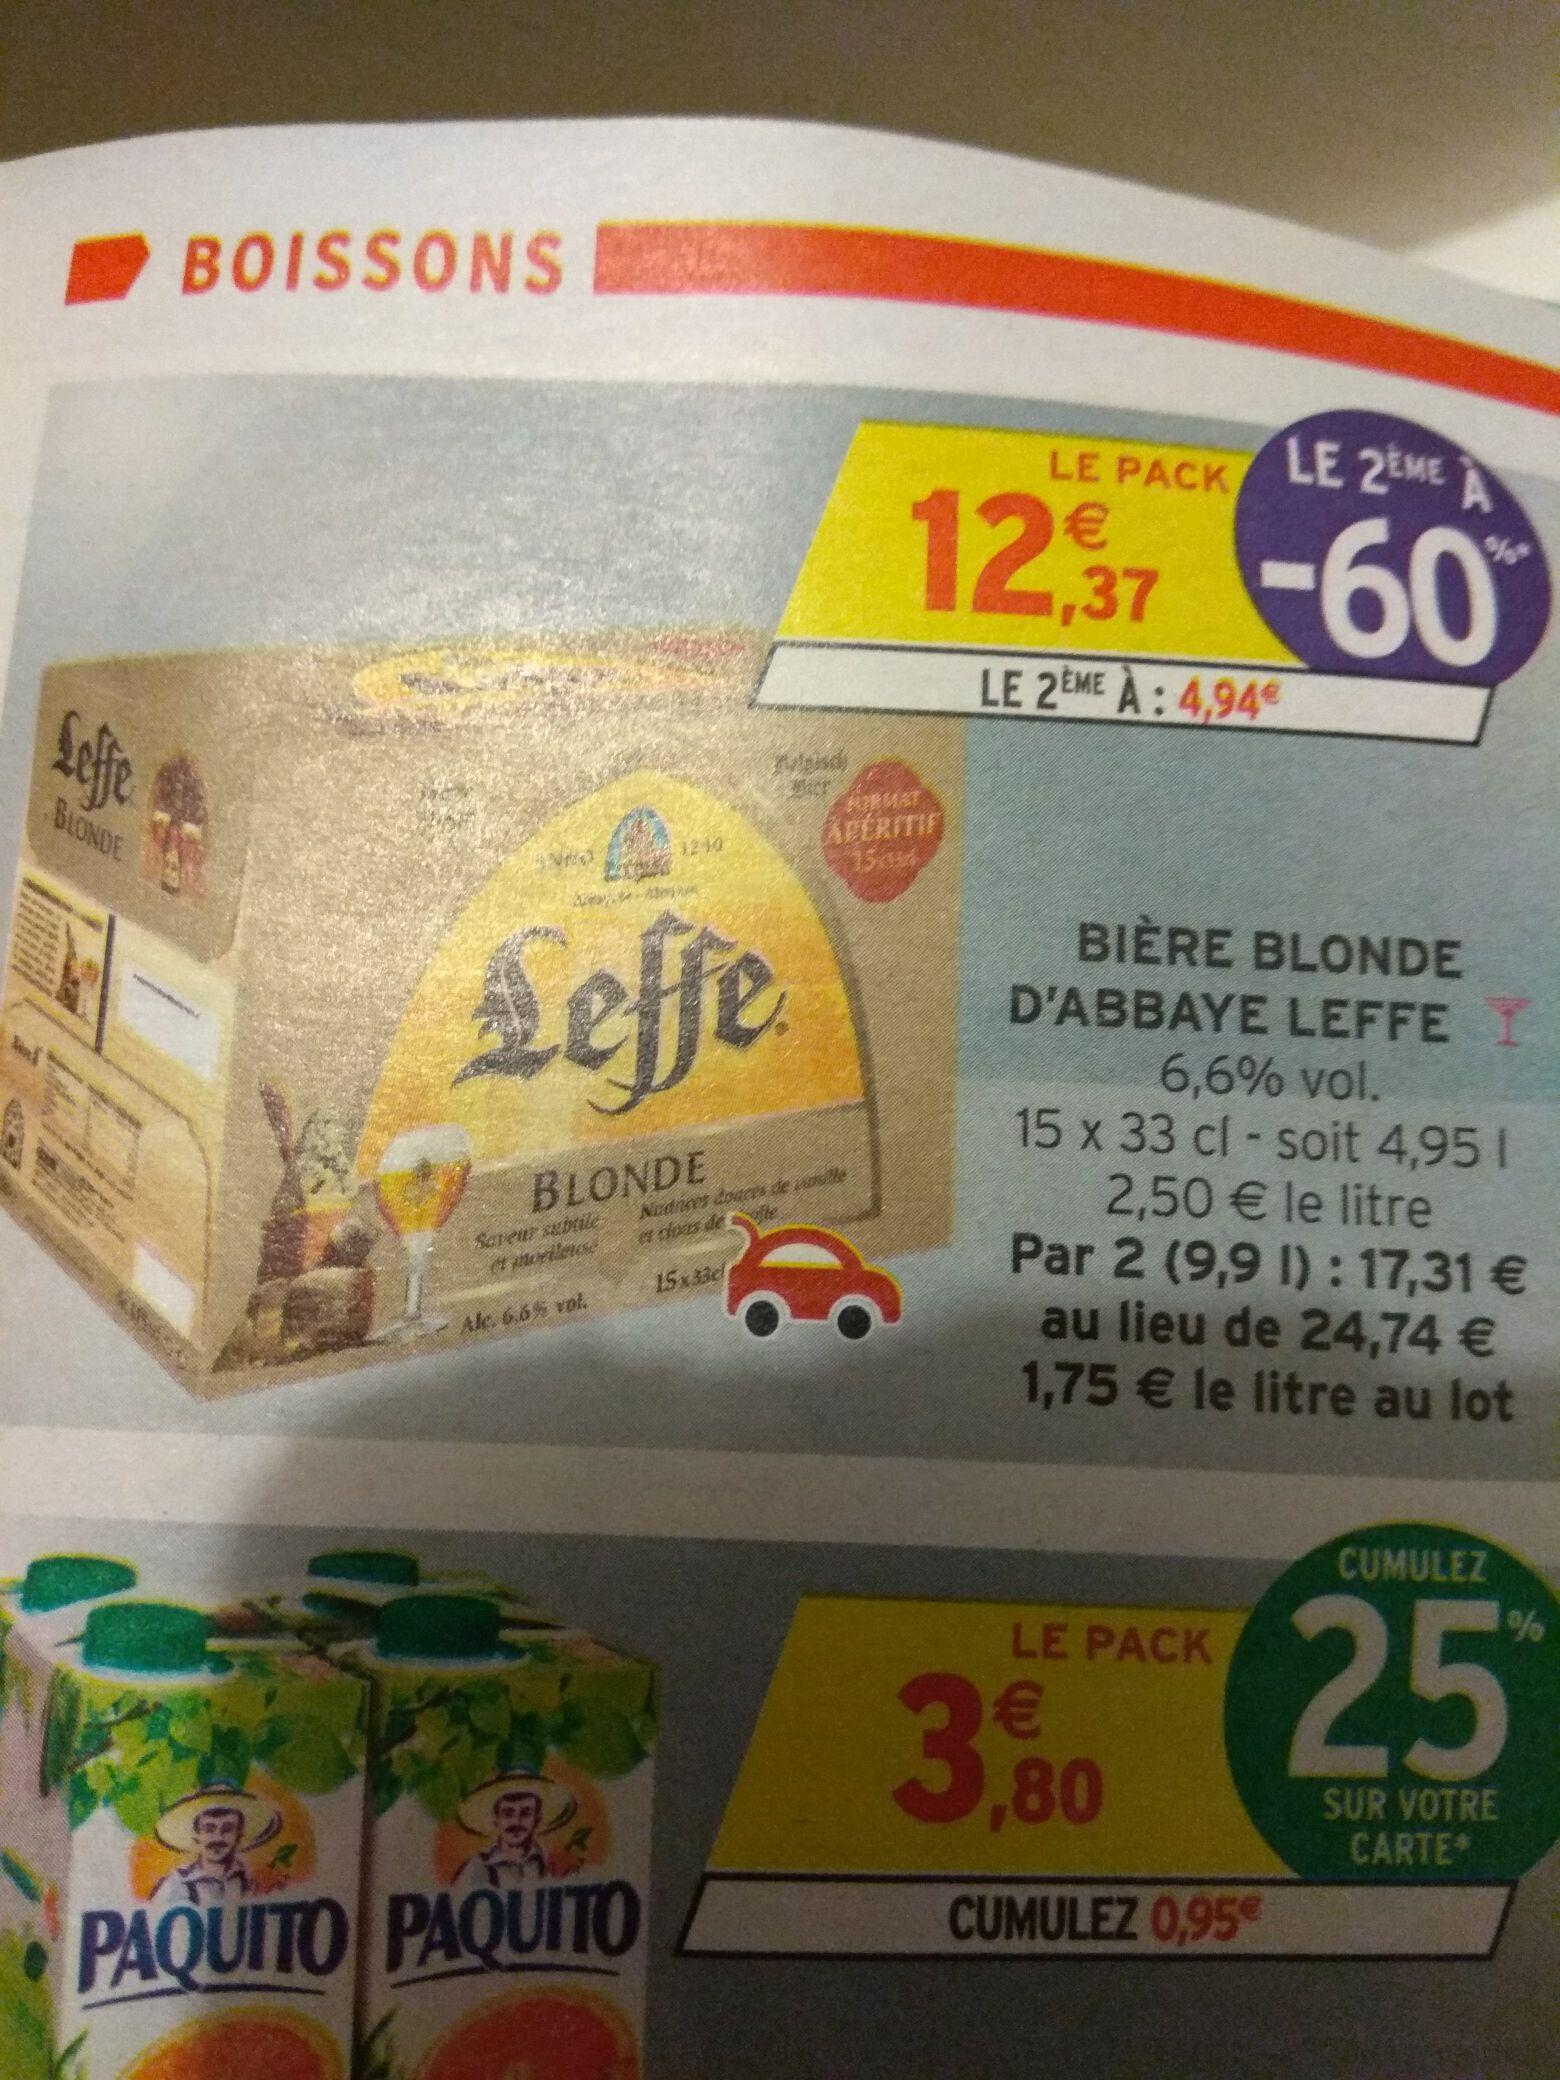 2 Packs de 15 bières blondes Leffe - 15x33cl